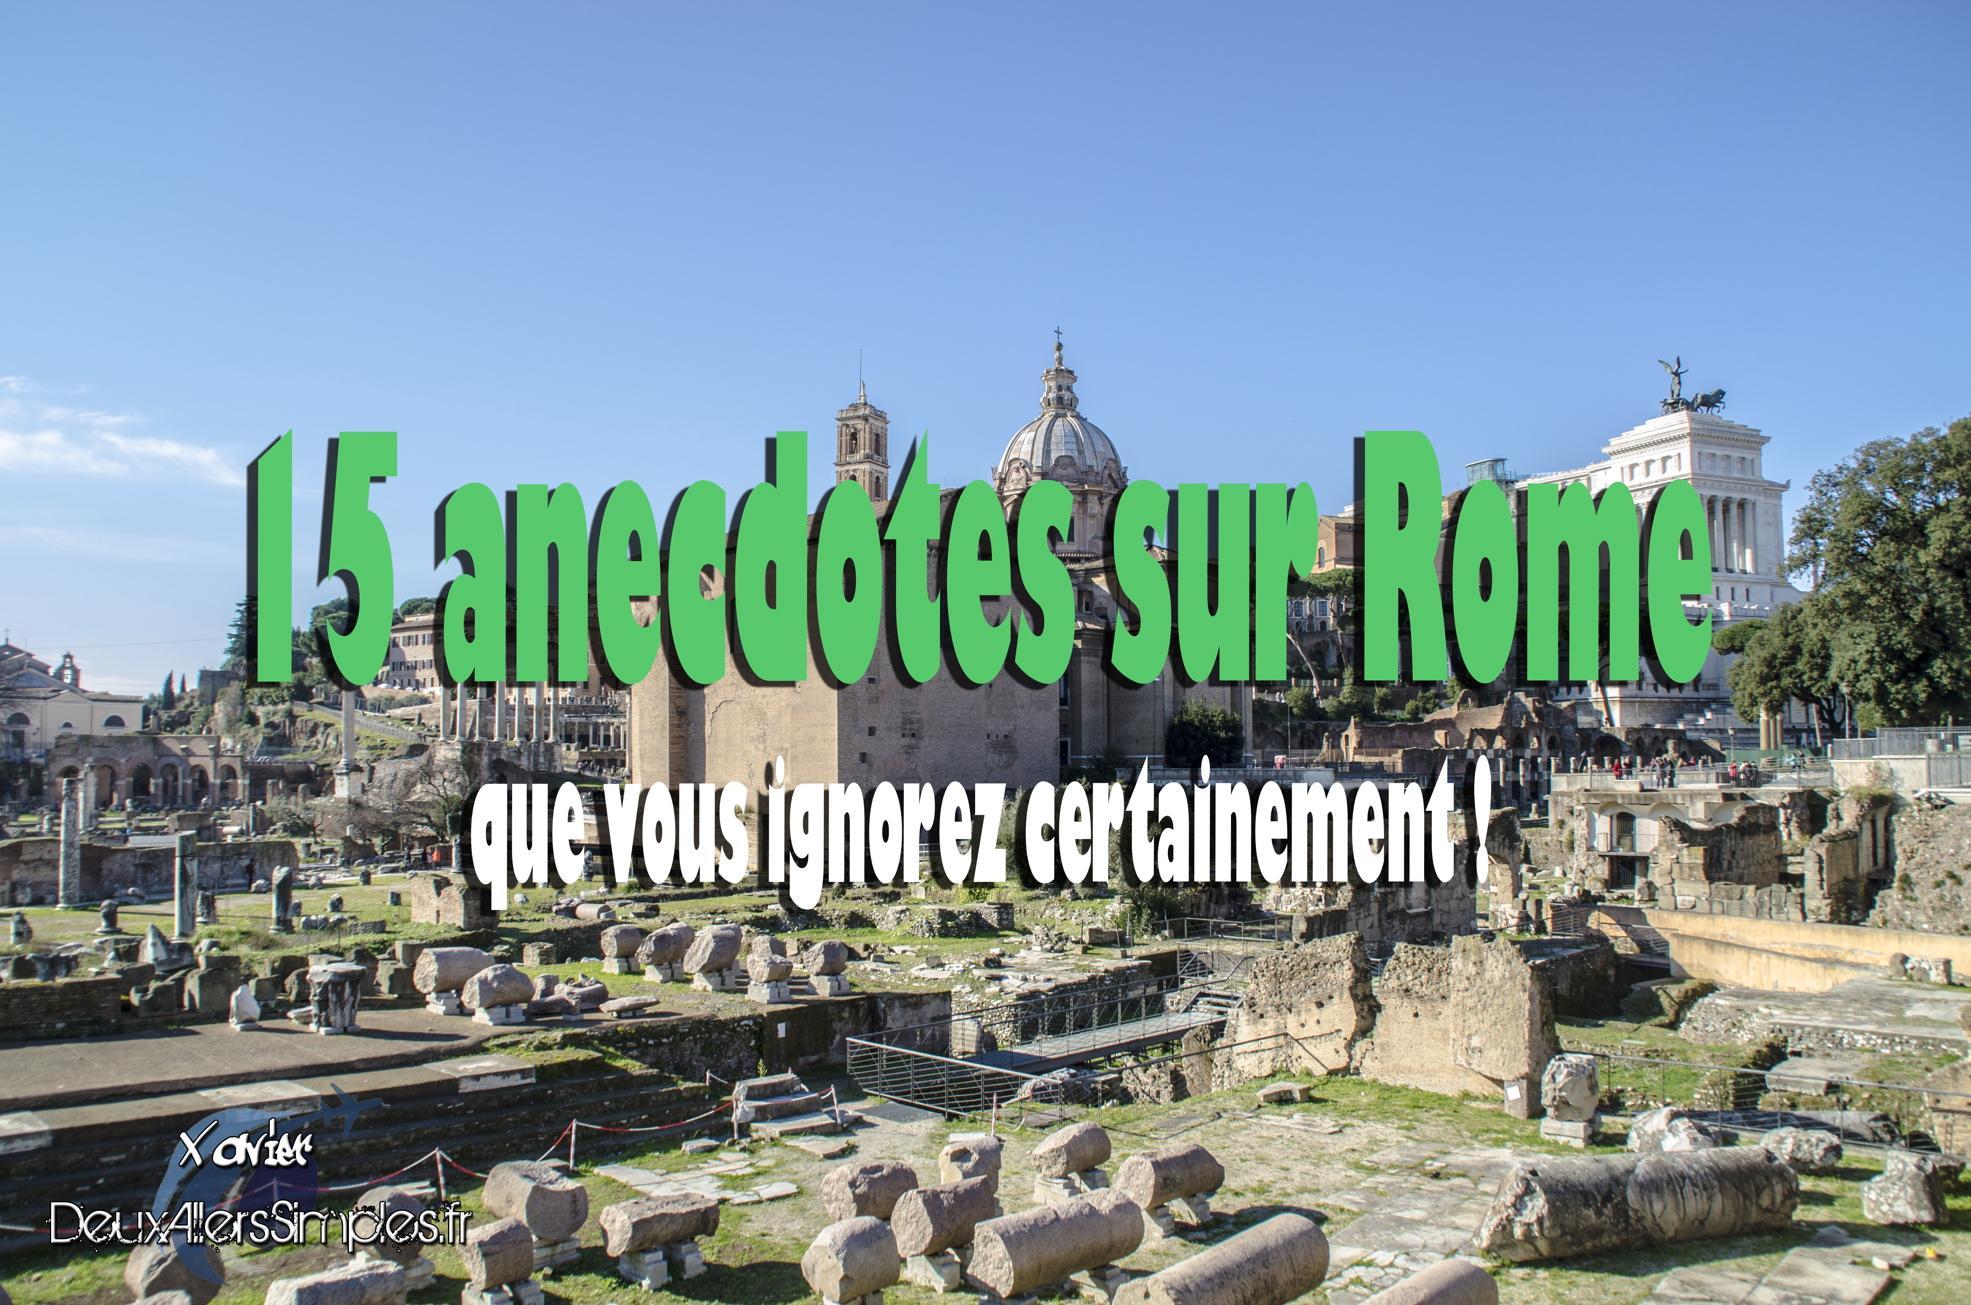 anecdotes sur Rome